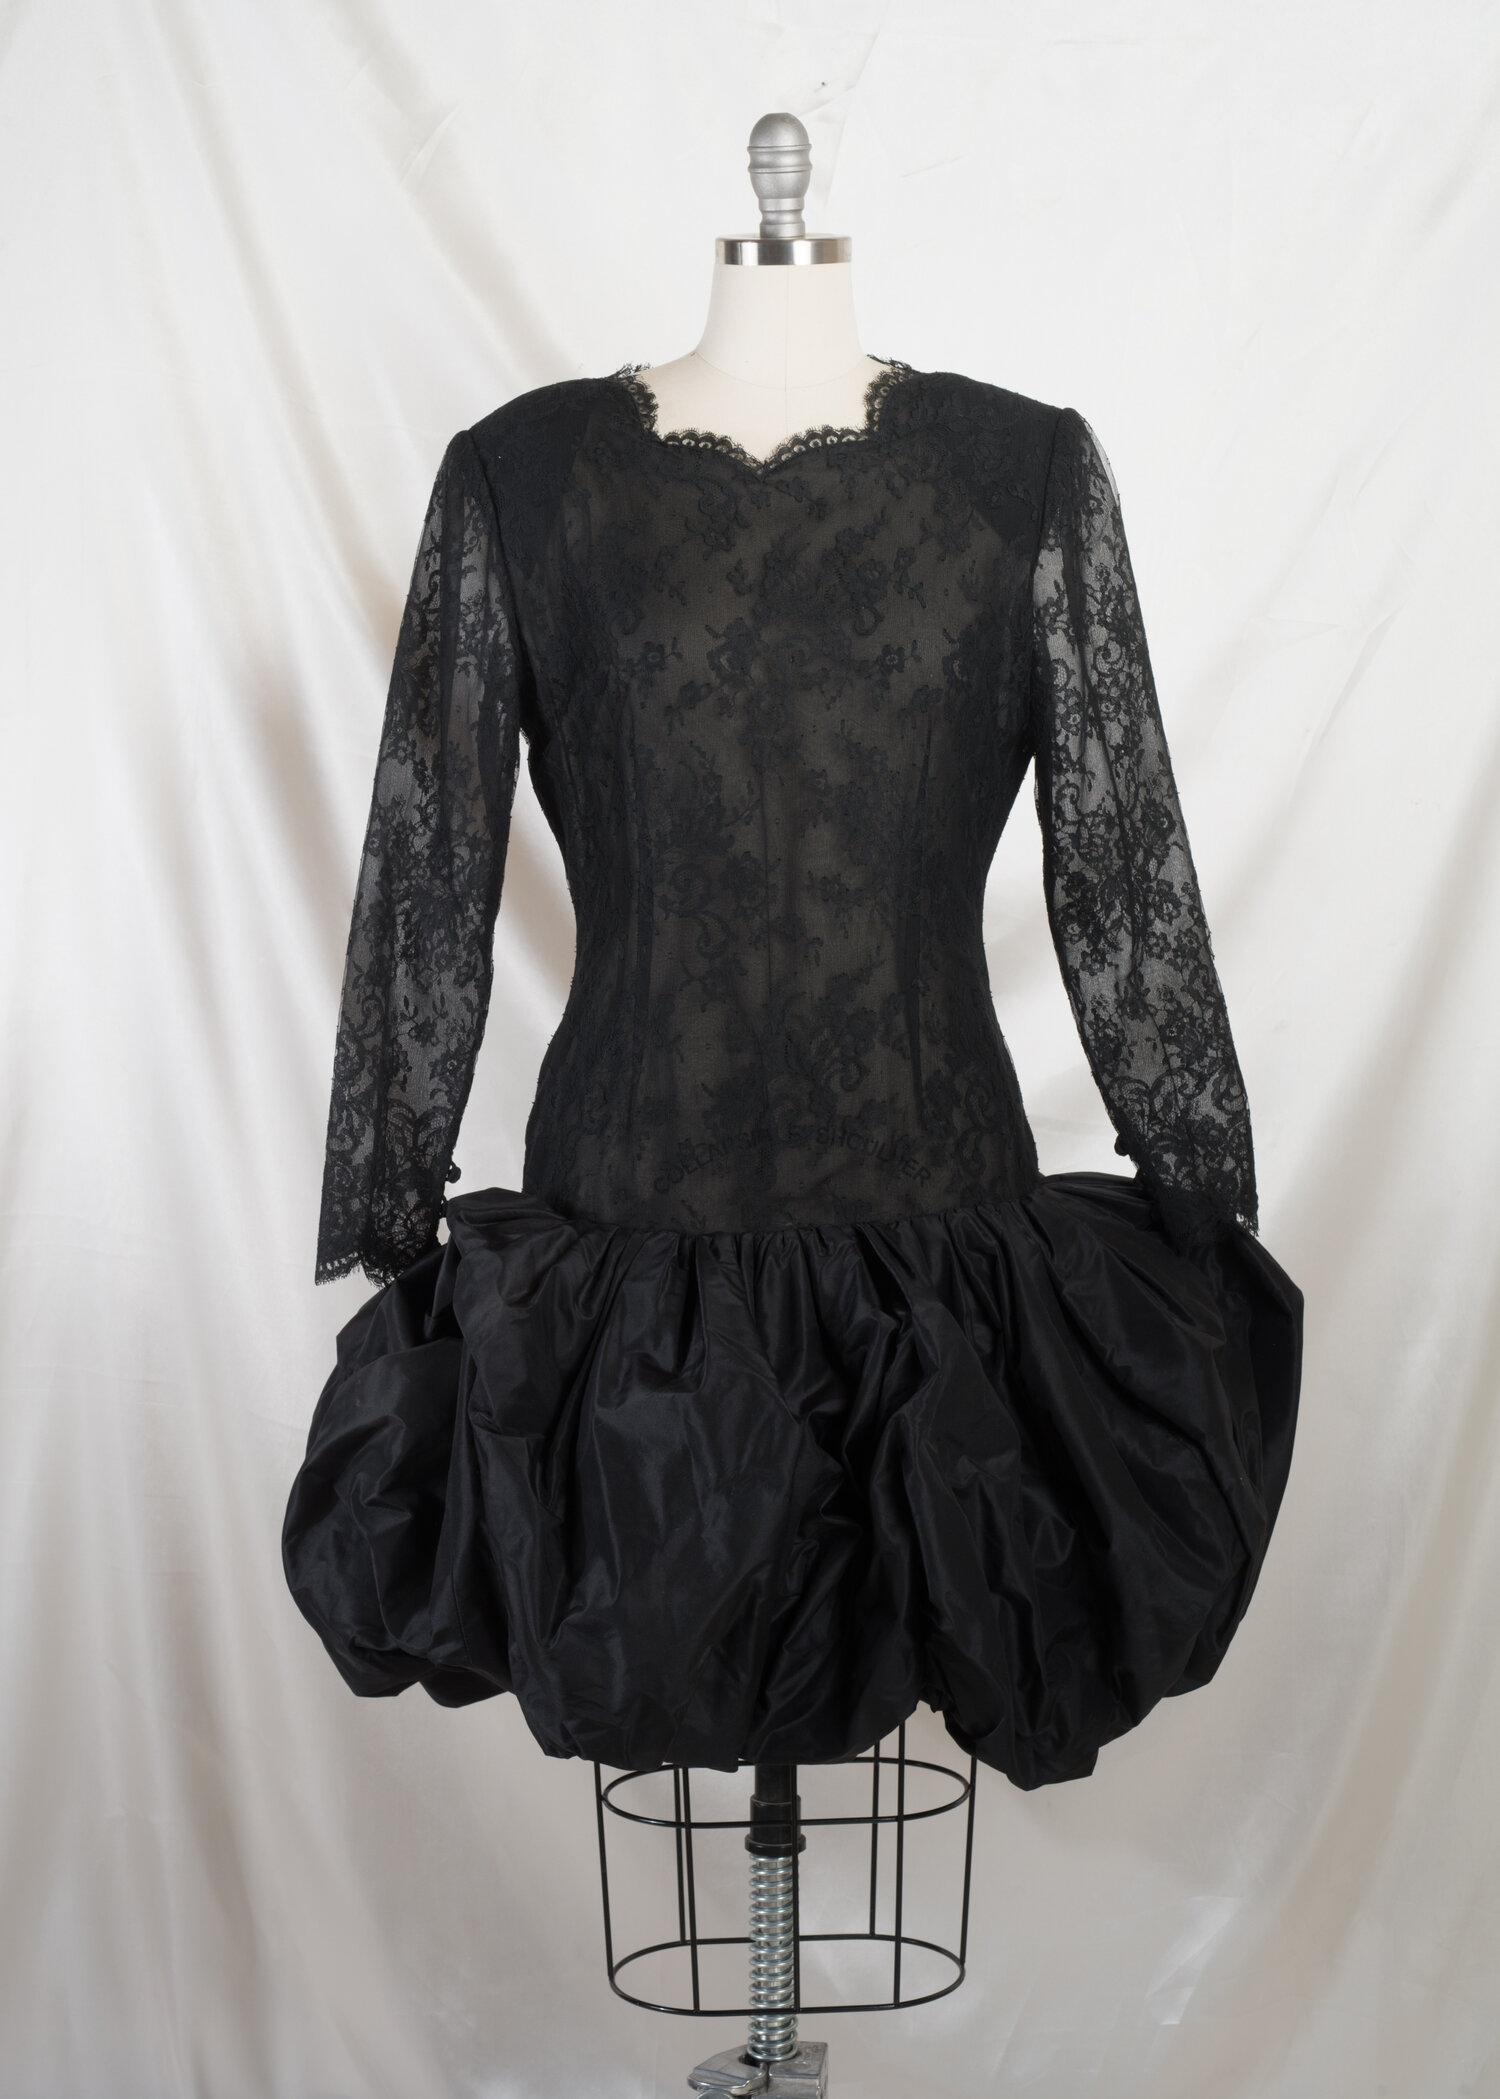 Black Lace Cocktail Skirt Oscar De La Renta A Line Short Elastic Waist Dressy Fancy Woman/'s Size XL Vintage